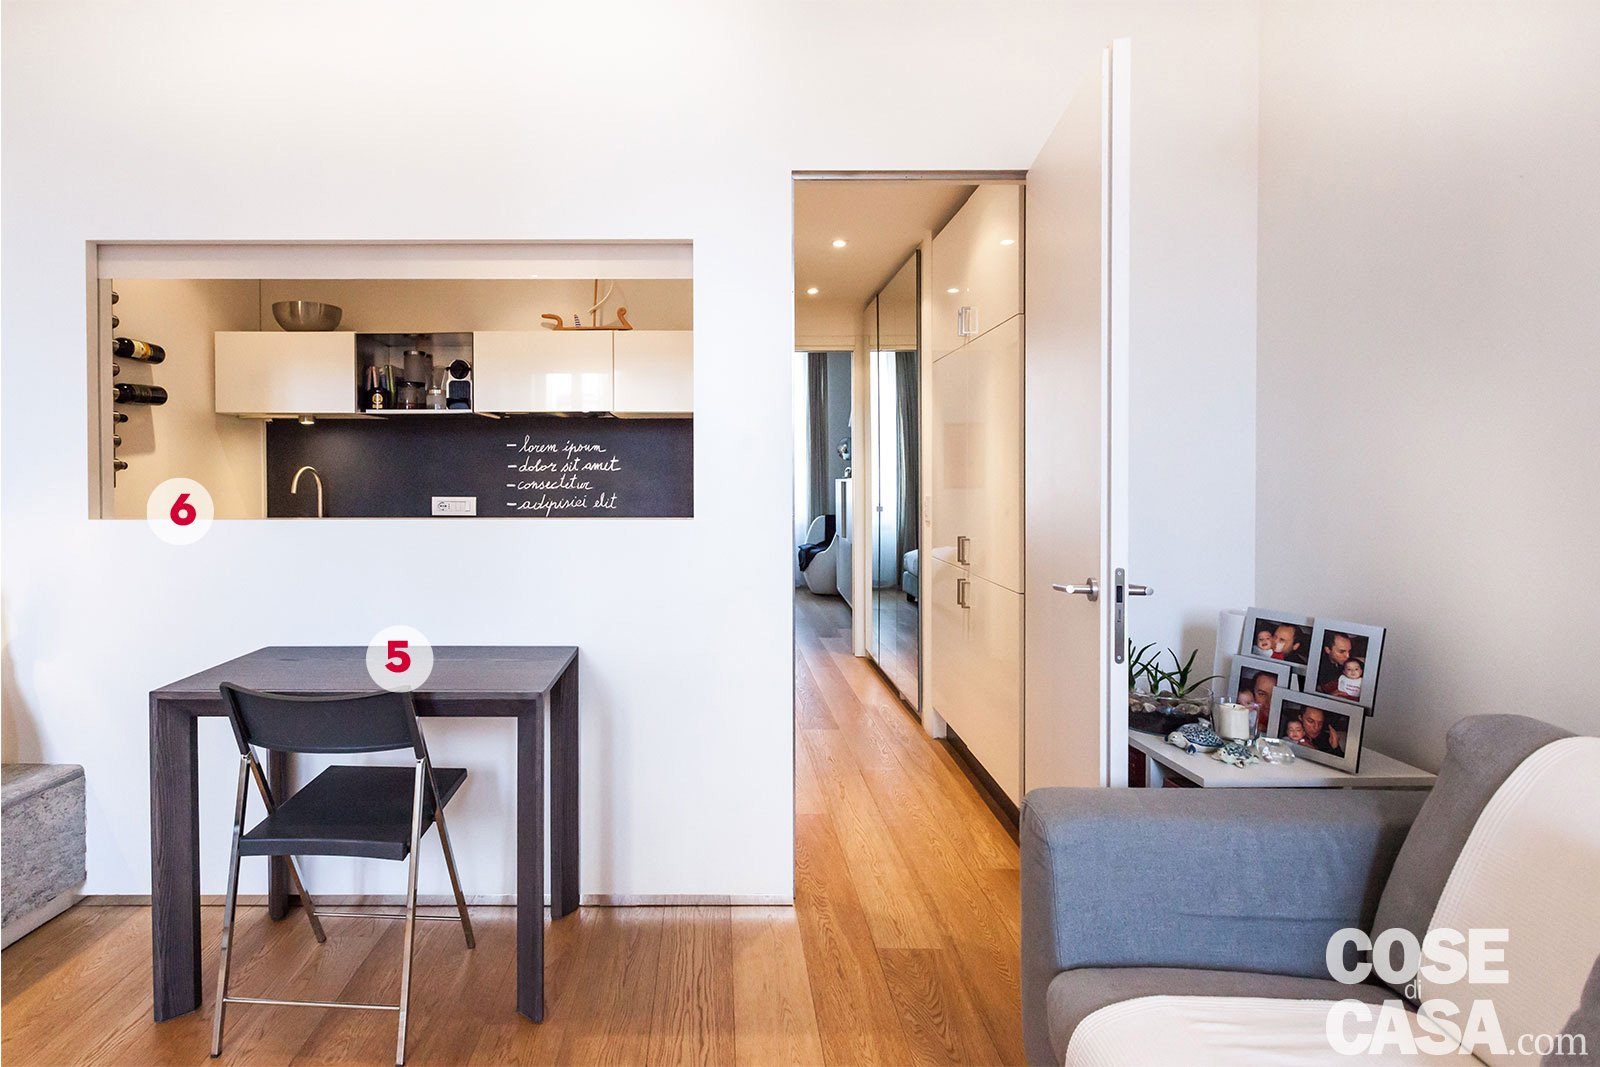 50 mq con soluzioni d 39 arredo salvaspazio cose di casa - Cucina piu soggiorno ...